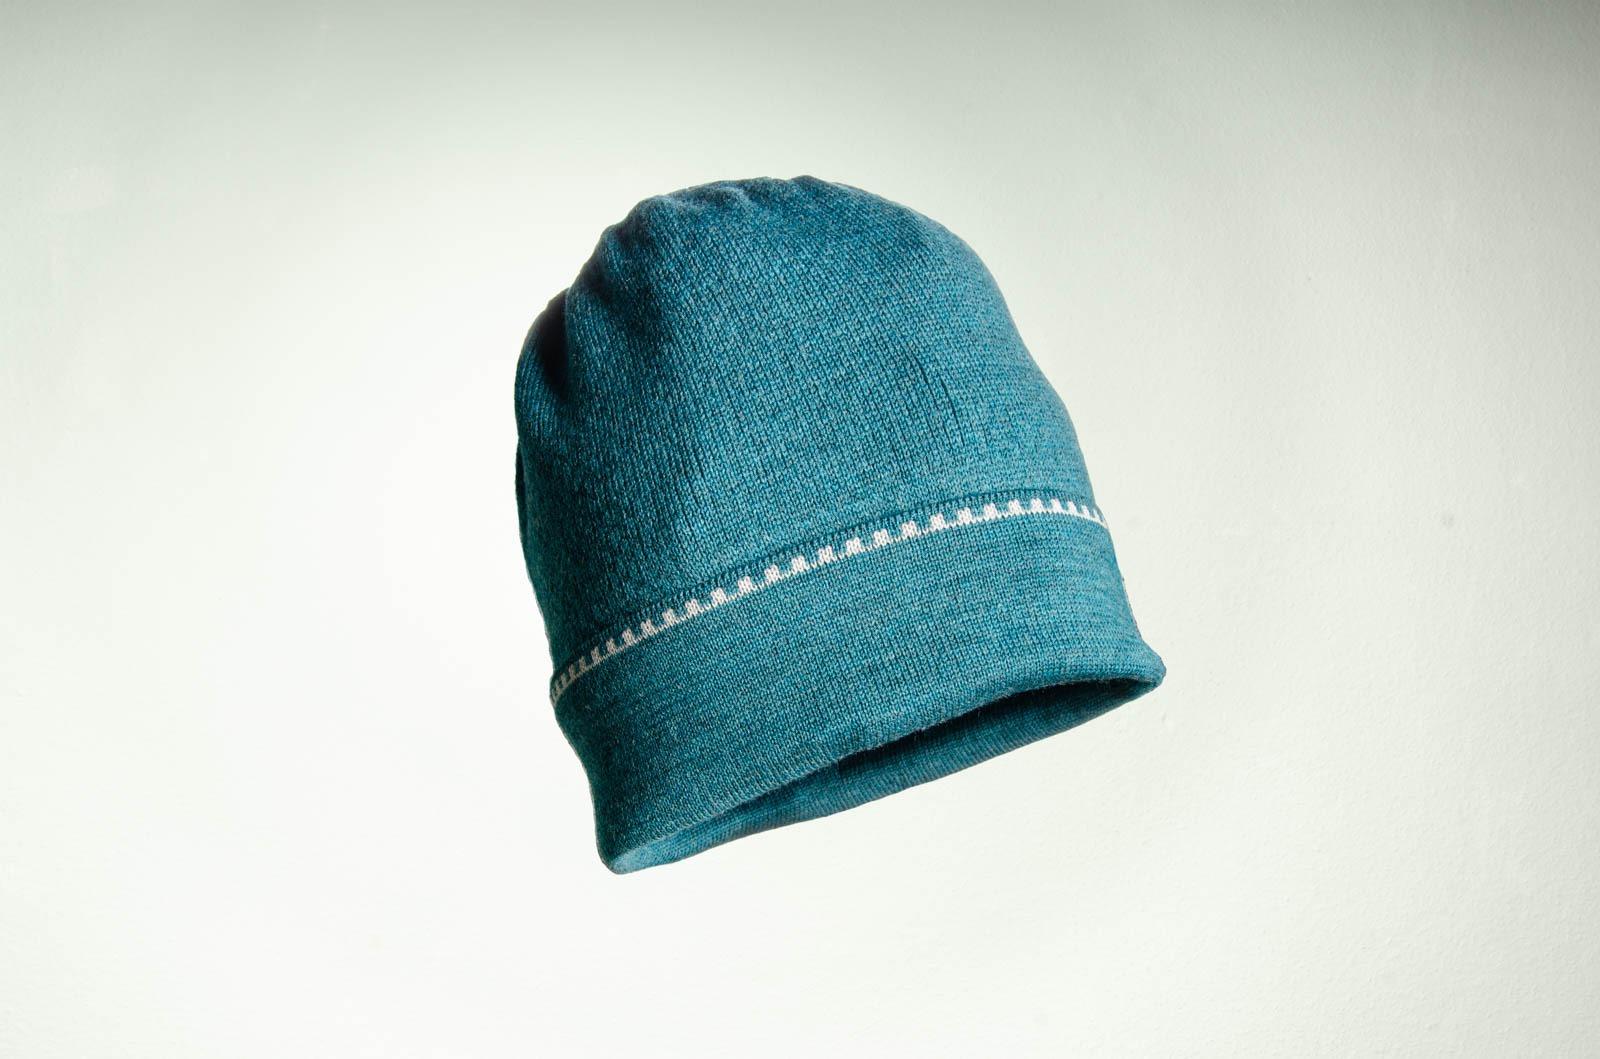 Merino Mütze in türkis und hellgrau